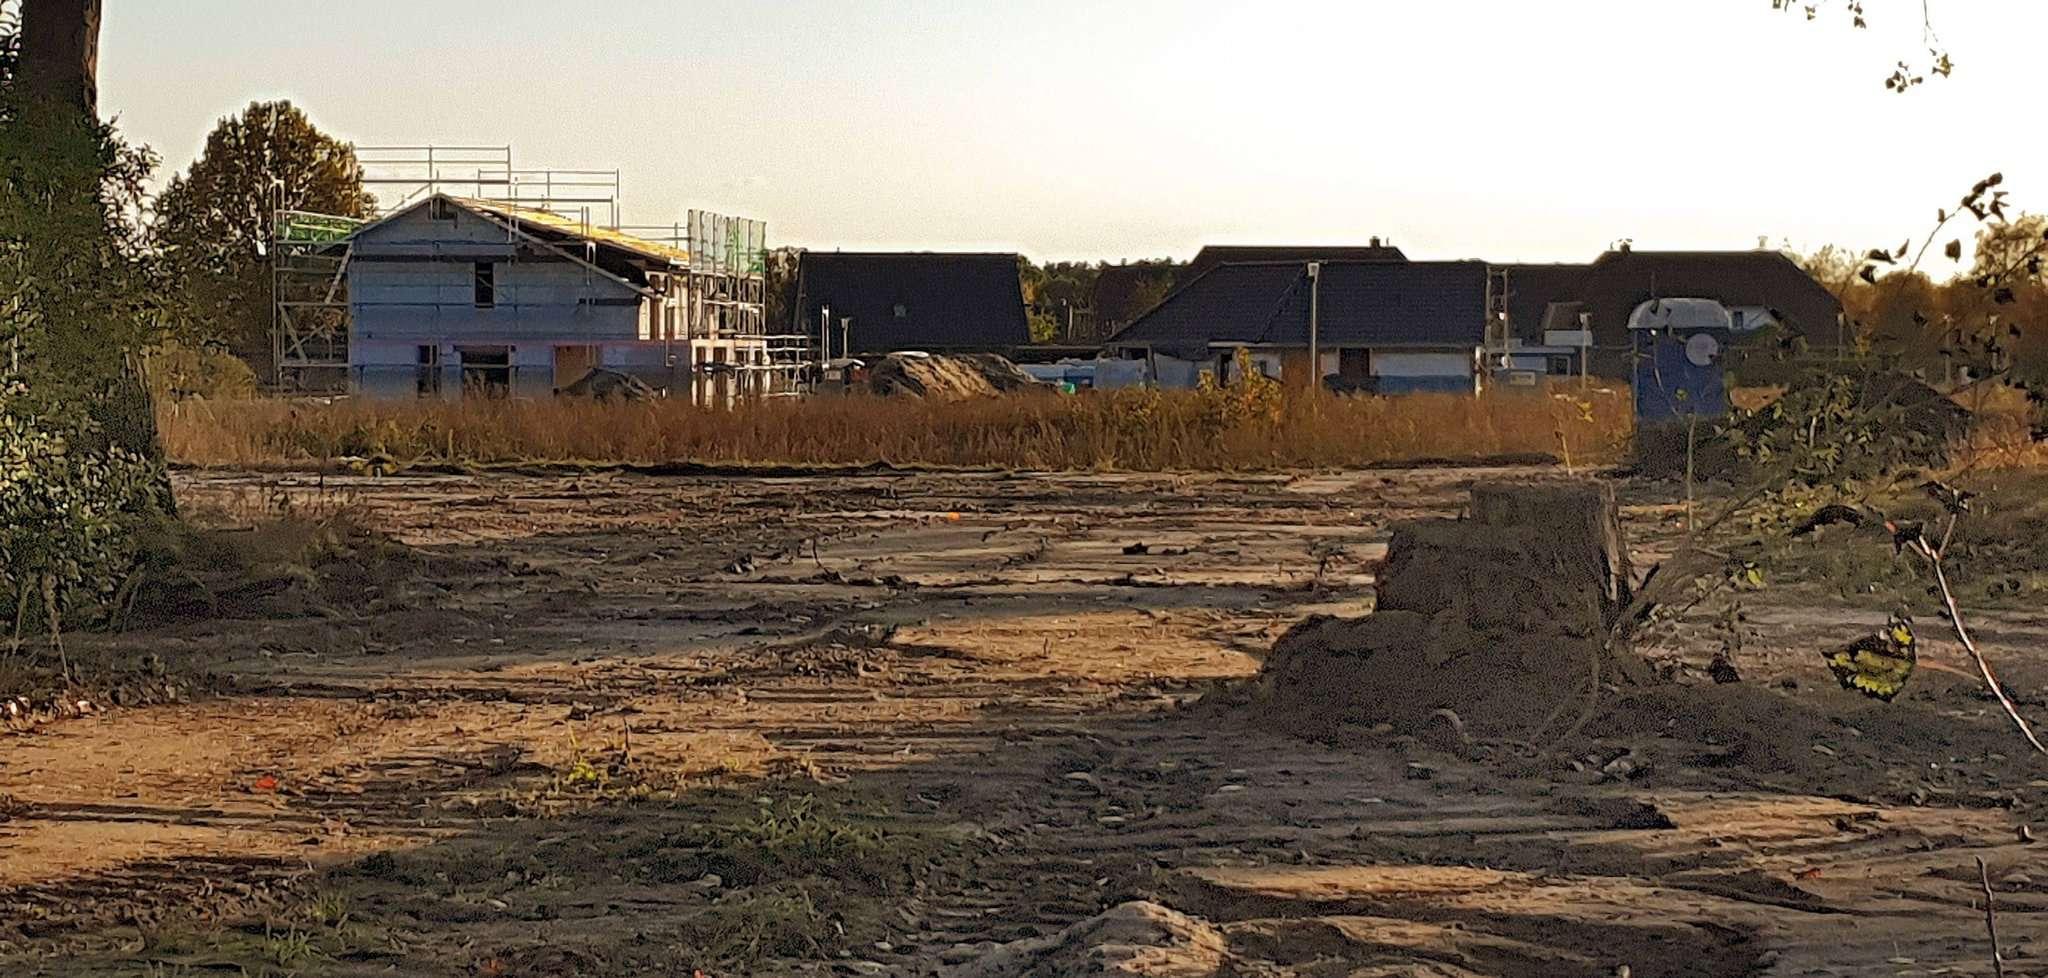 Im neuen Botheler Baugebiet gibt es noch einige freie Plätze für Familien. Foto: Tobias Woelki